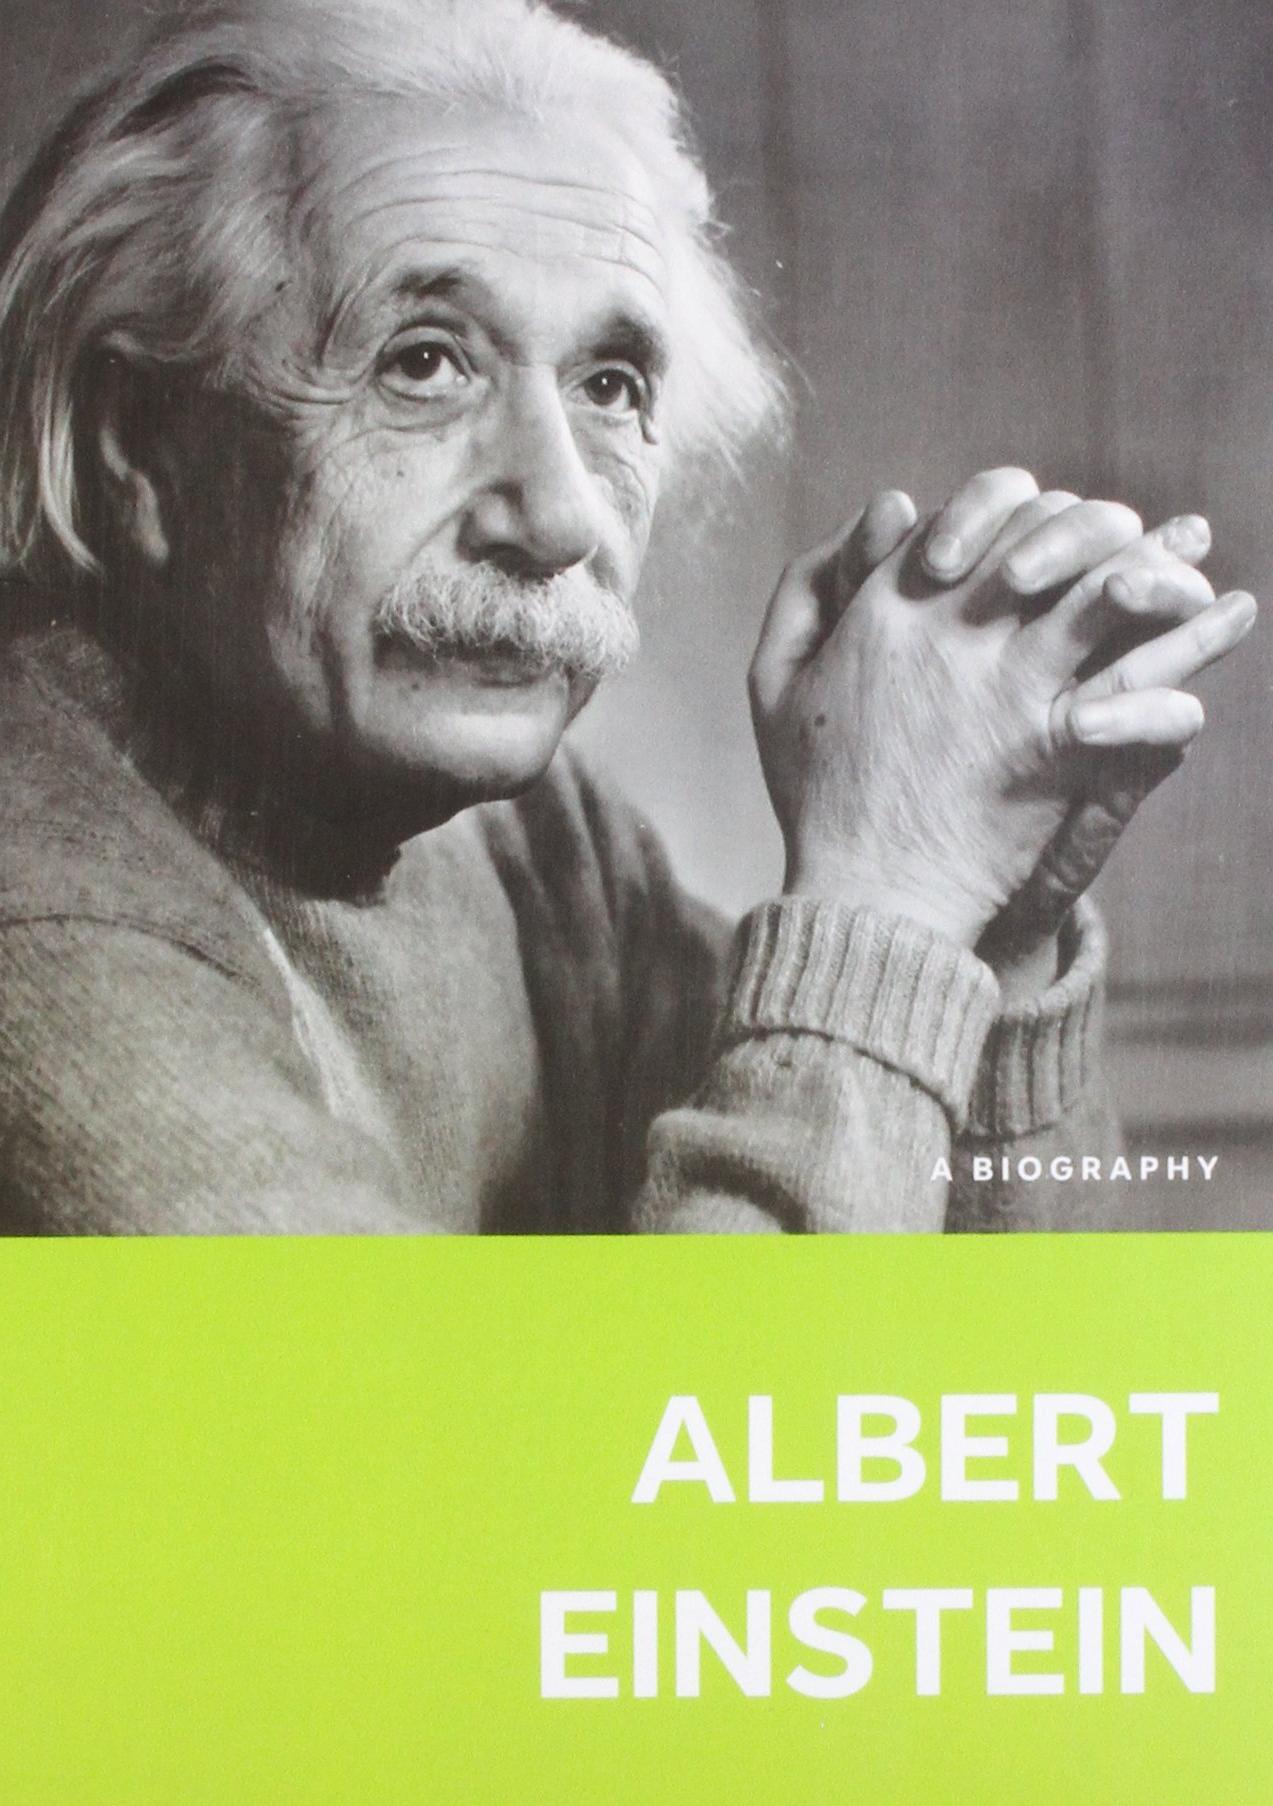 024 Scientist Albert Einstein No Essay Awesome Essays In Humanism Pdf Science Kannada Full